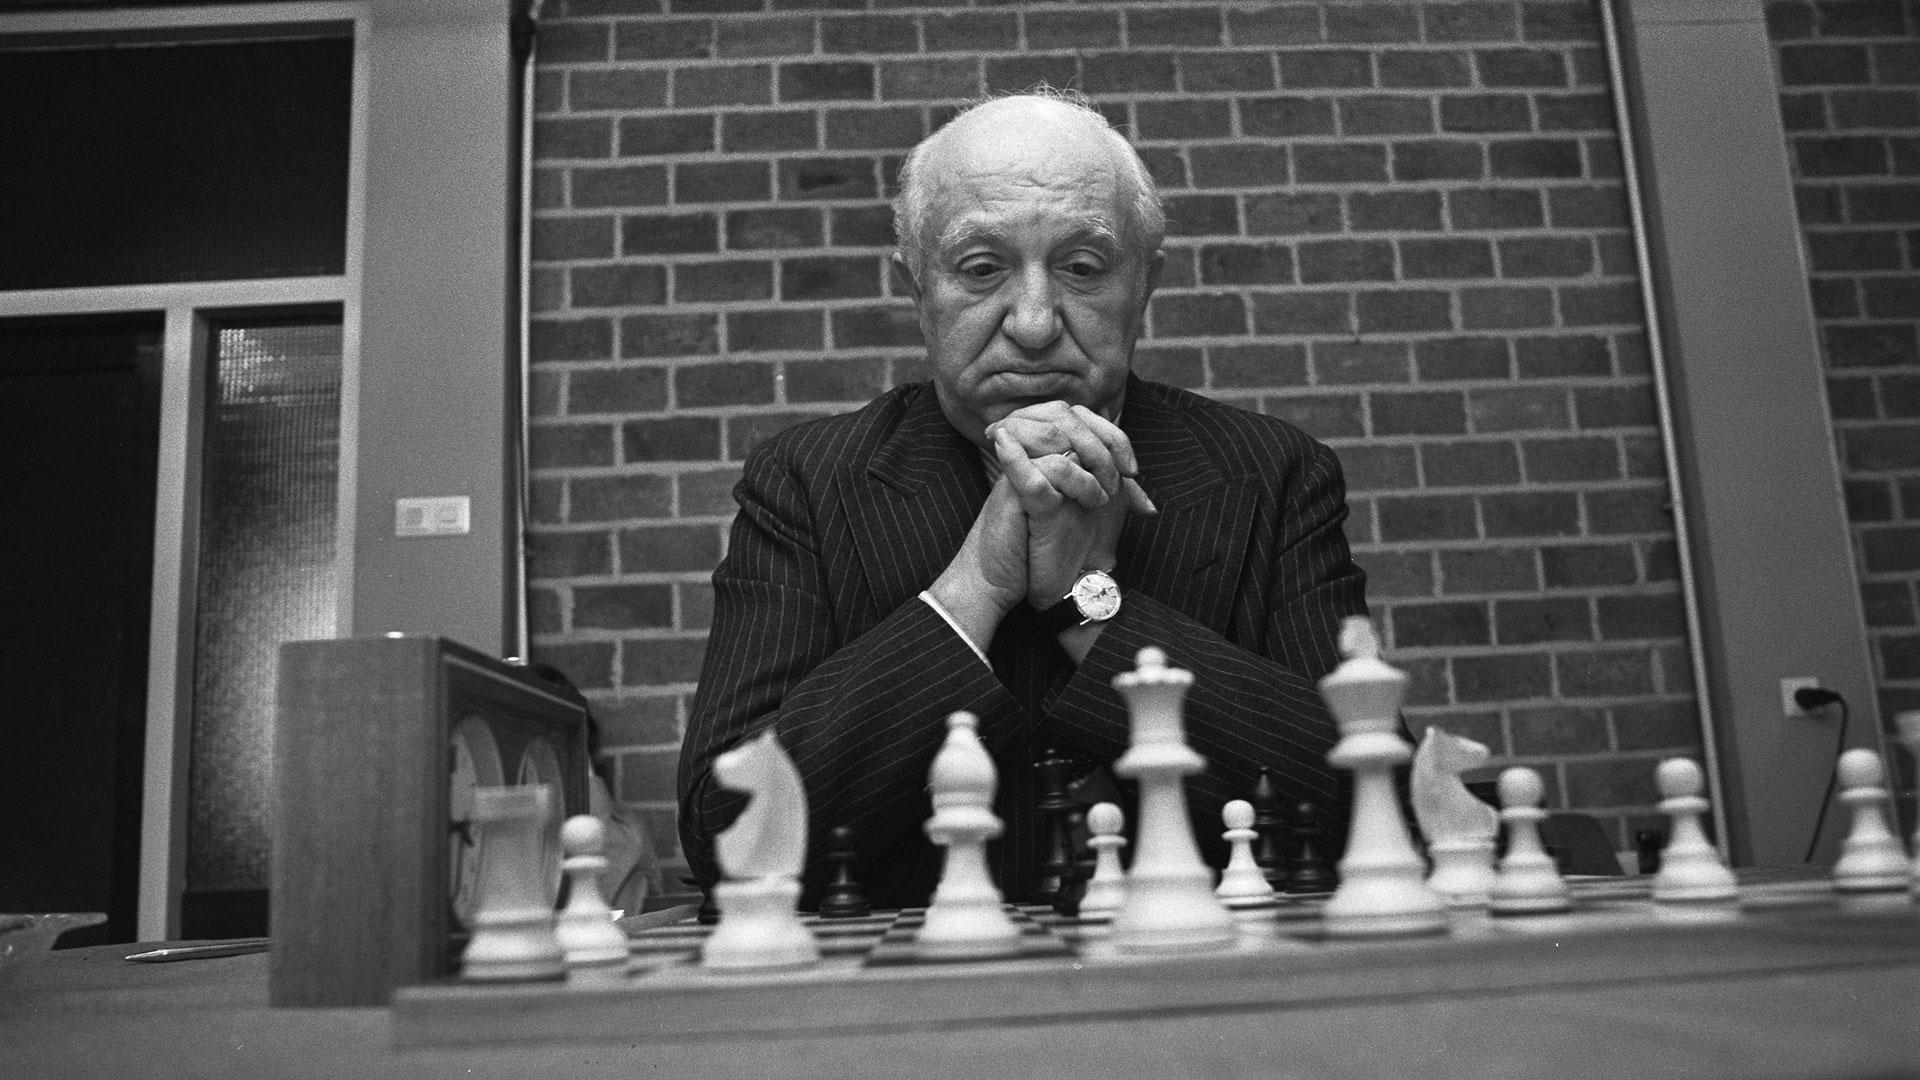 Miguel Najdorf era admirado por Bobby Fisher y Garry Kasparov, entre otros.